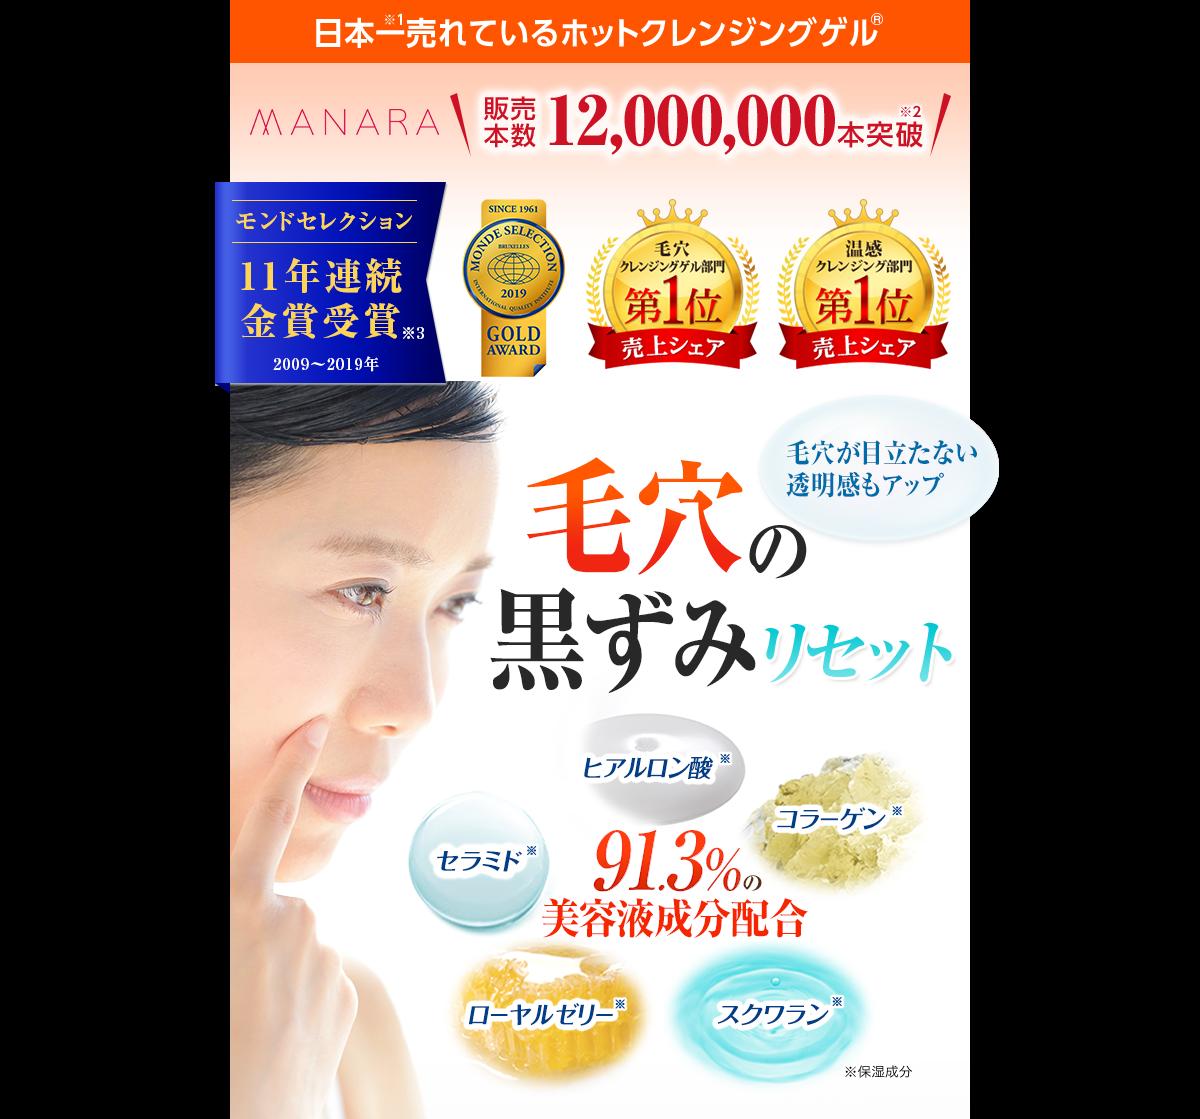 日本で一番売れている